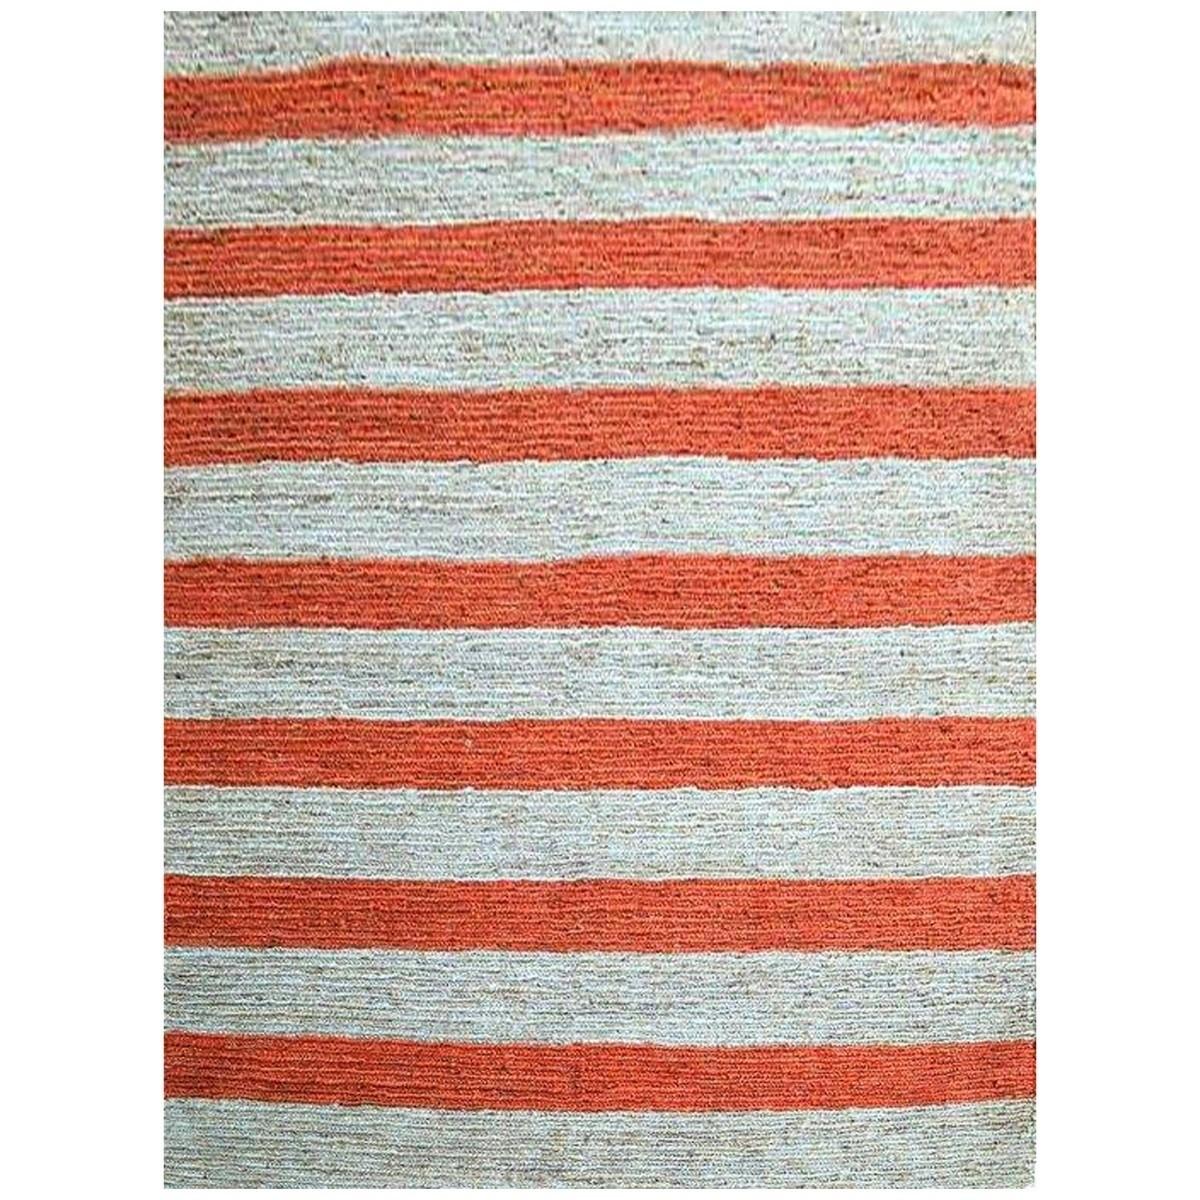 Kerla Handmade Natural Jute Rug in Orange/Natural - 160x230cm